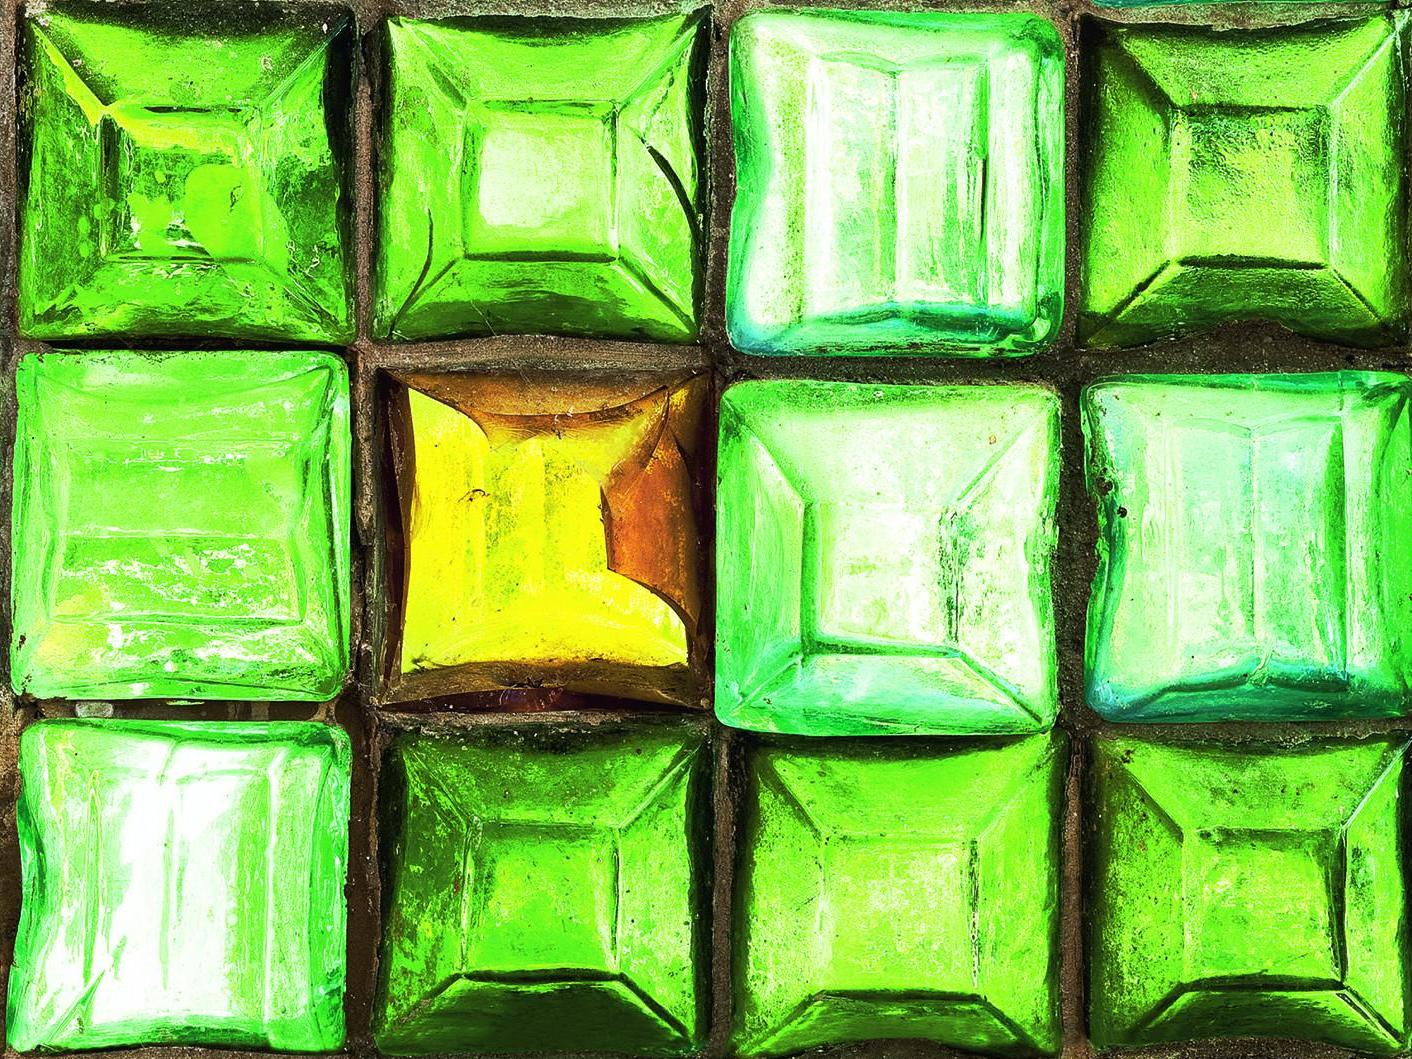 Un rêve d'architecte. La brique de verre Falconnier